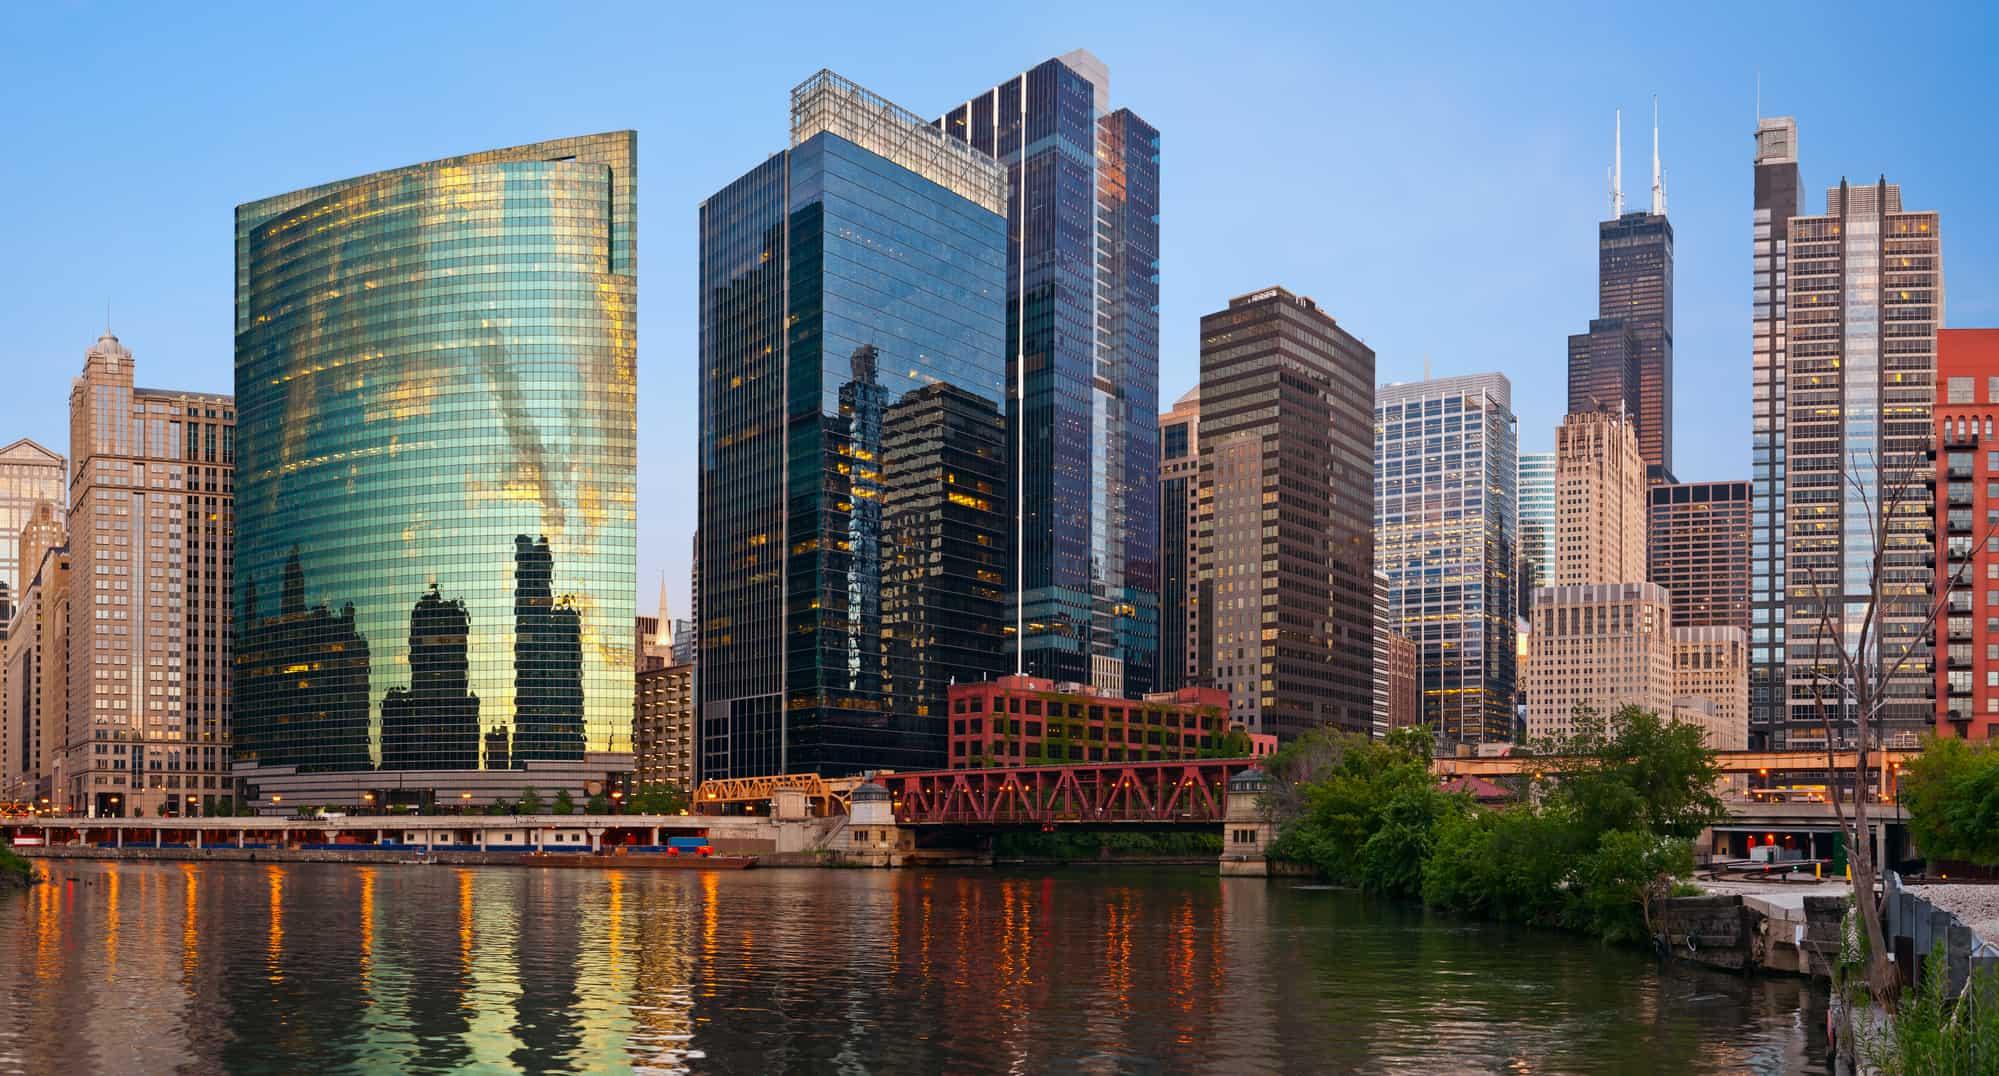 CHICAGO SKTSCRAPERS